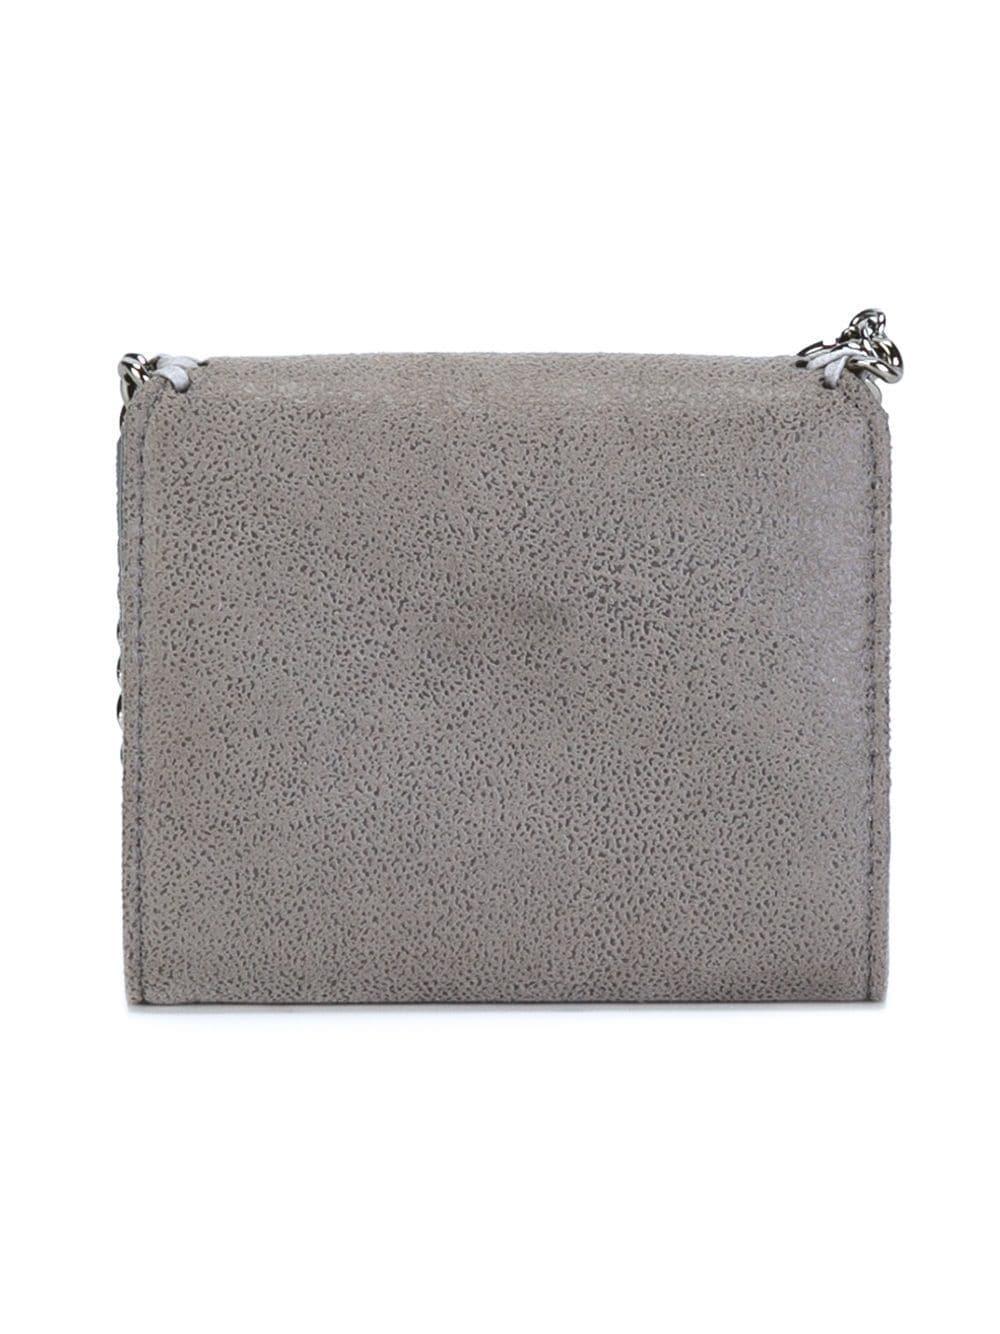 Stella McCartney - Gray Mini Portafoglio `falabella` - Lyst. View fullscreen 1ea2178775b